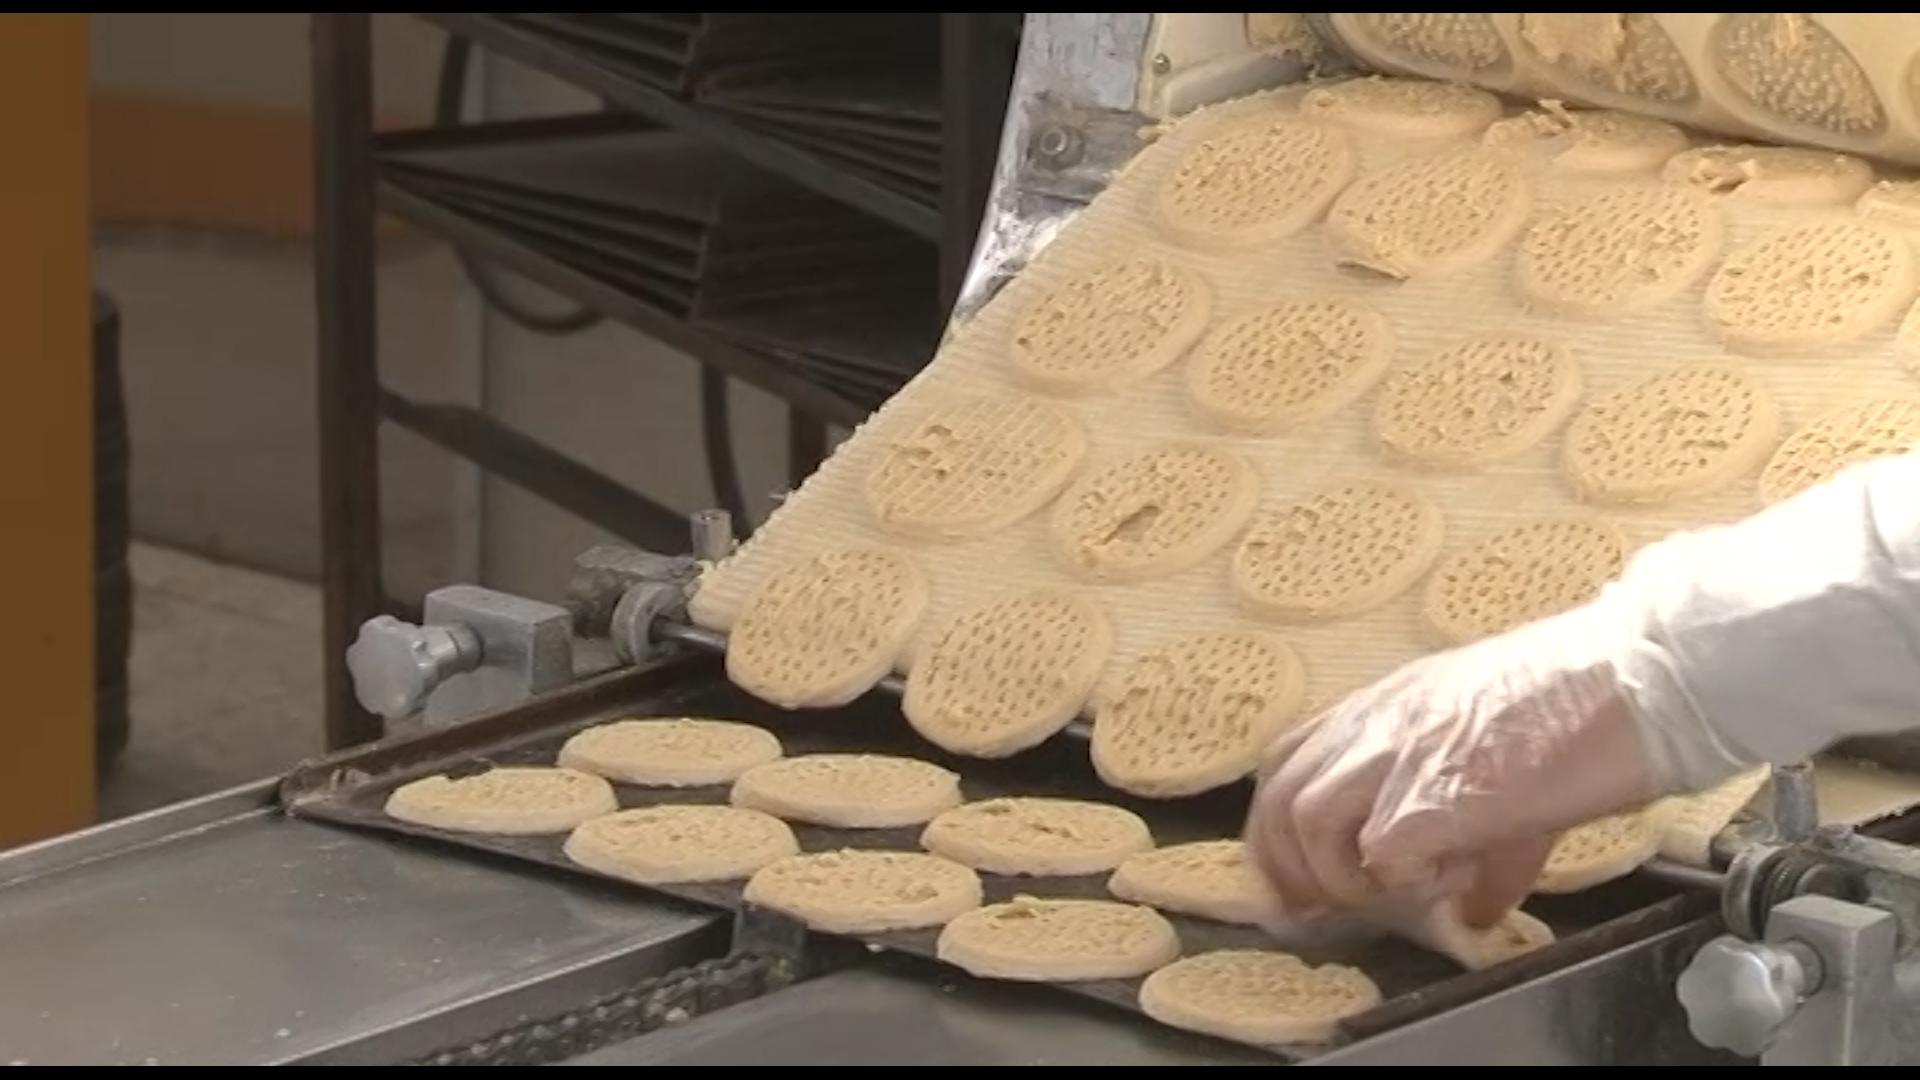 اولین کارخانه محصولات غذایی بدون گلوتن در نجف آباد + فیلم و تصاویر اولین کارخانه محصولات غذایی بدون گلوتن در نجف آباد + فیلم و تصاویر اولین کارخانه محصولات غذایی بدون گلوتن در نجف آباد + فیلم و تصاویر 4291460 643